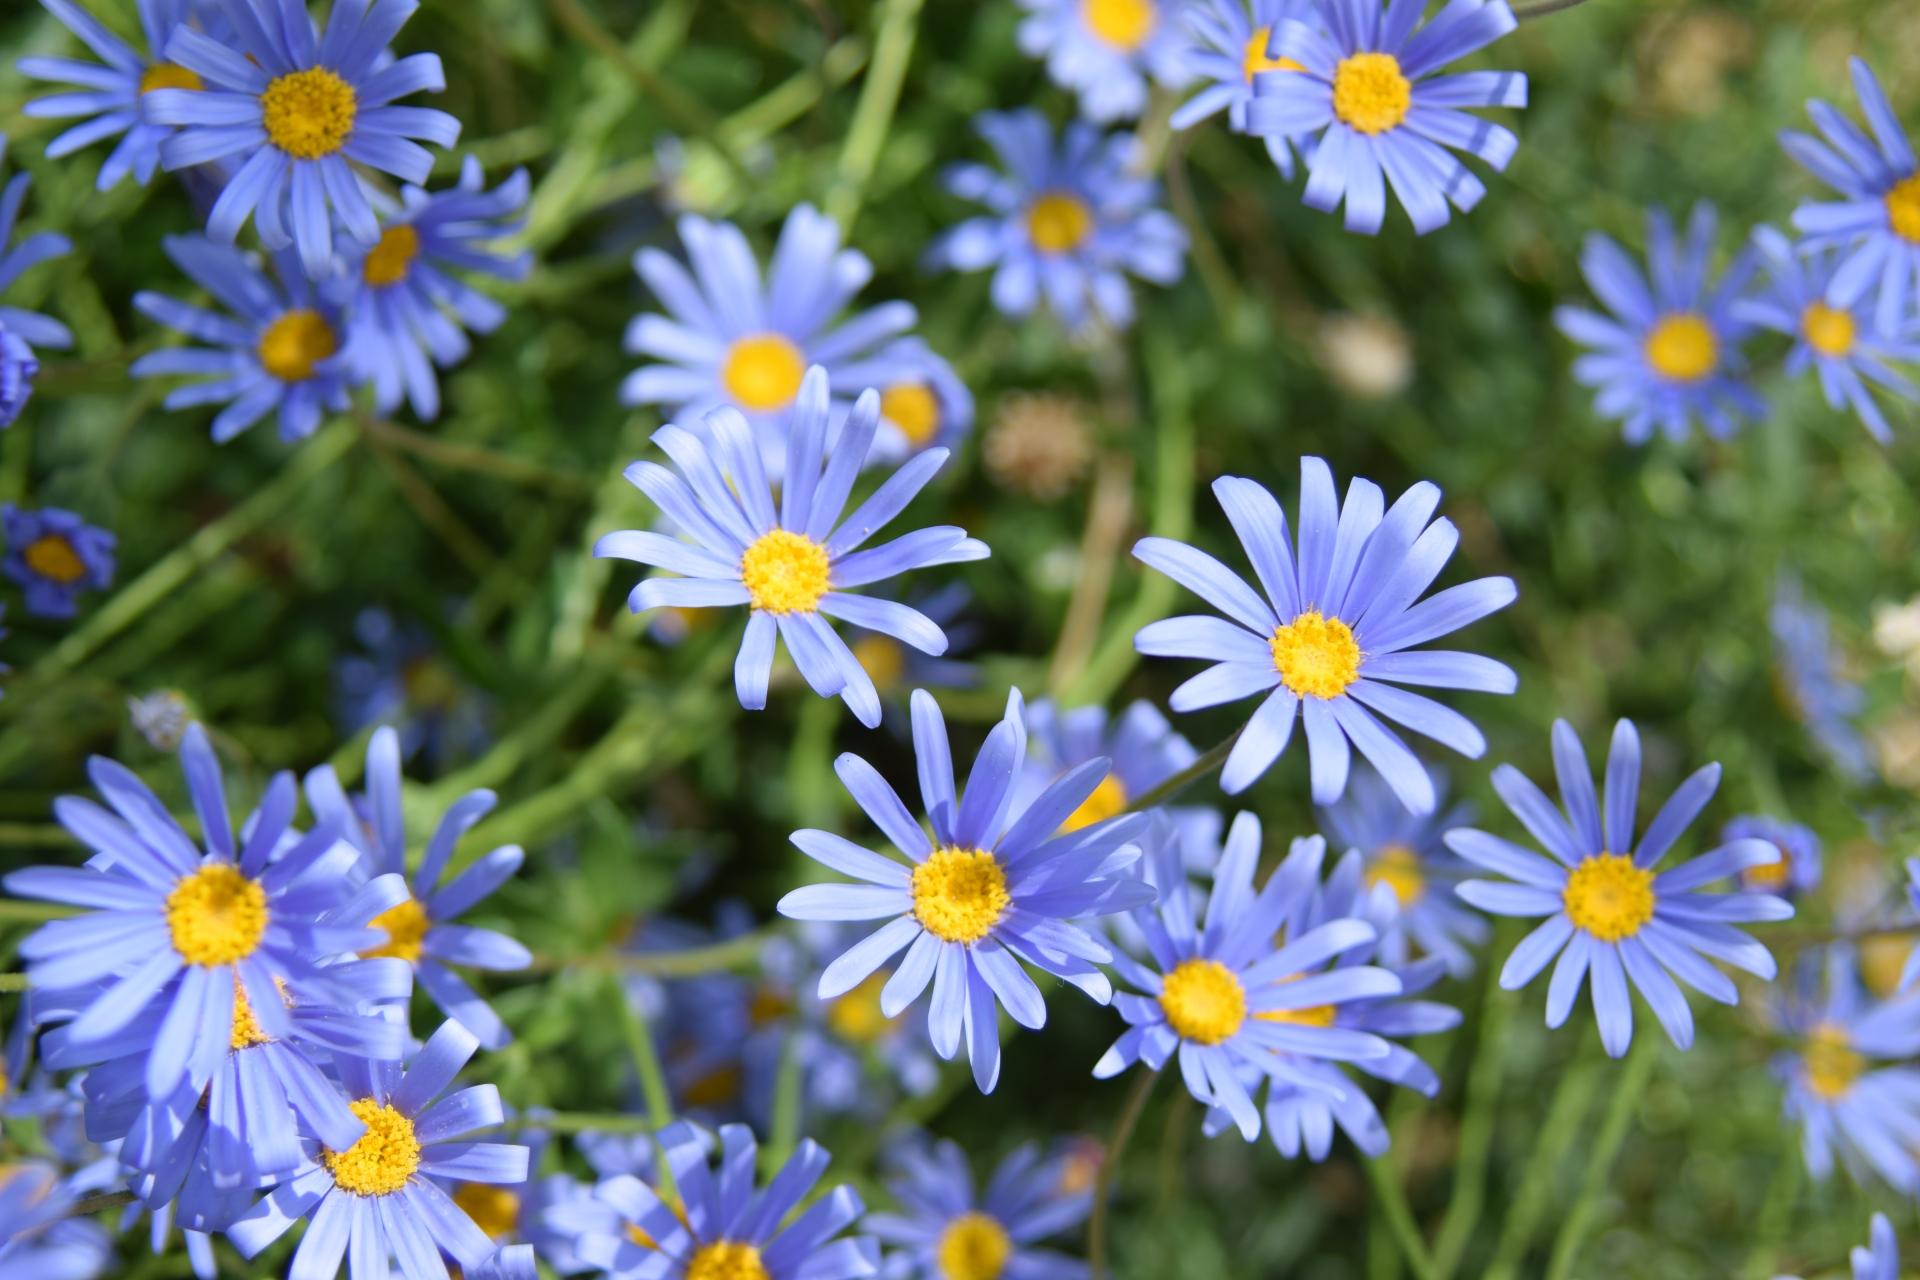 ガーデン用品屋さんの花図鑑 ブルーデージー